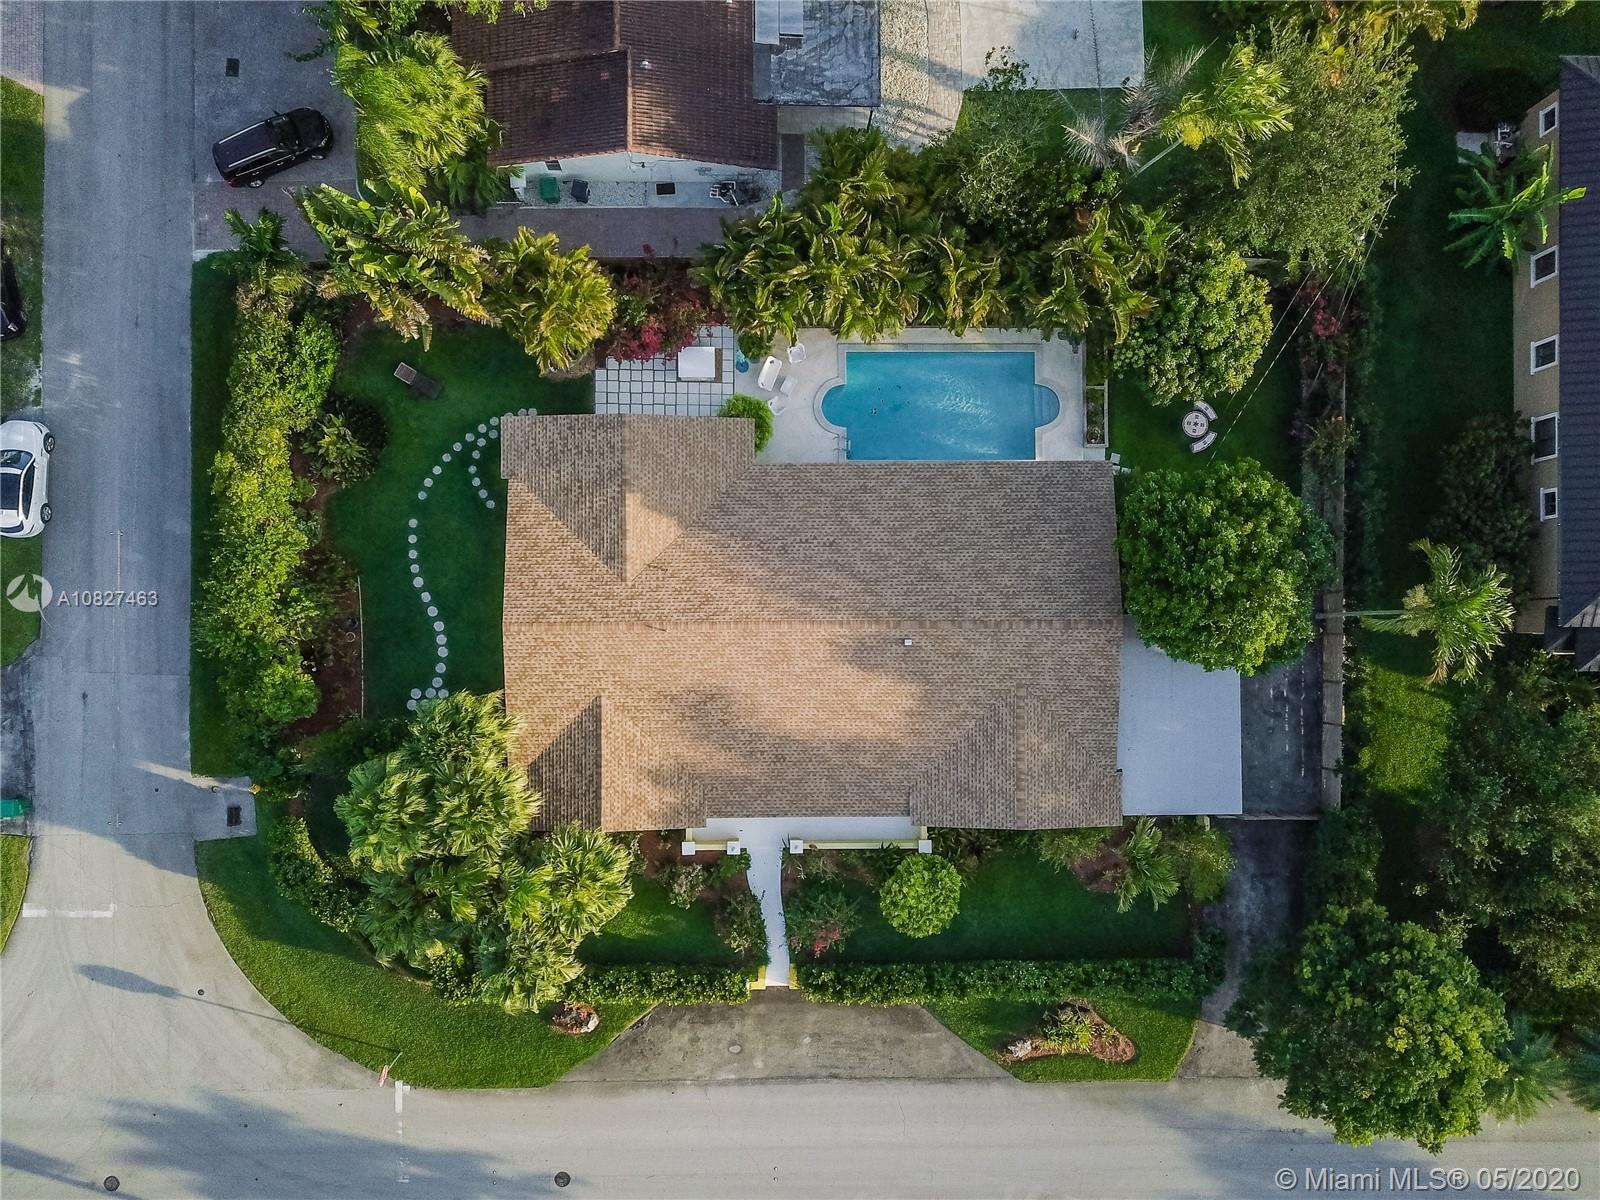 9500 SW 92 St, Miami, FL 33176 - Miami, FL real estate listing